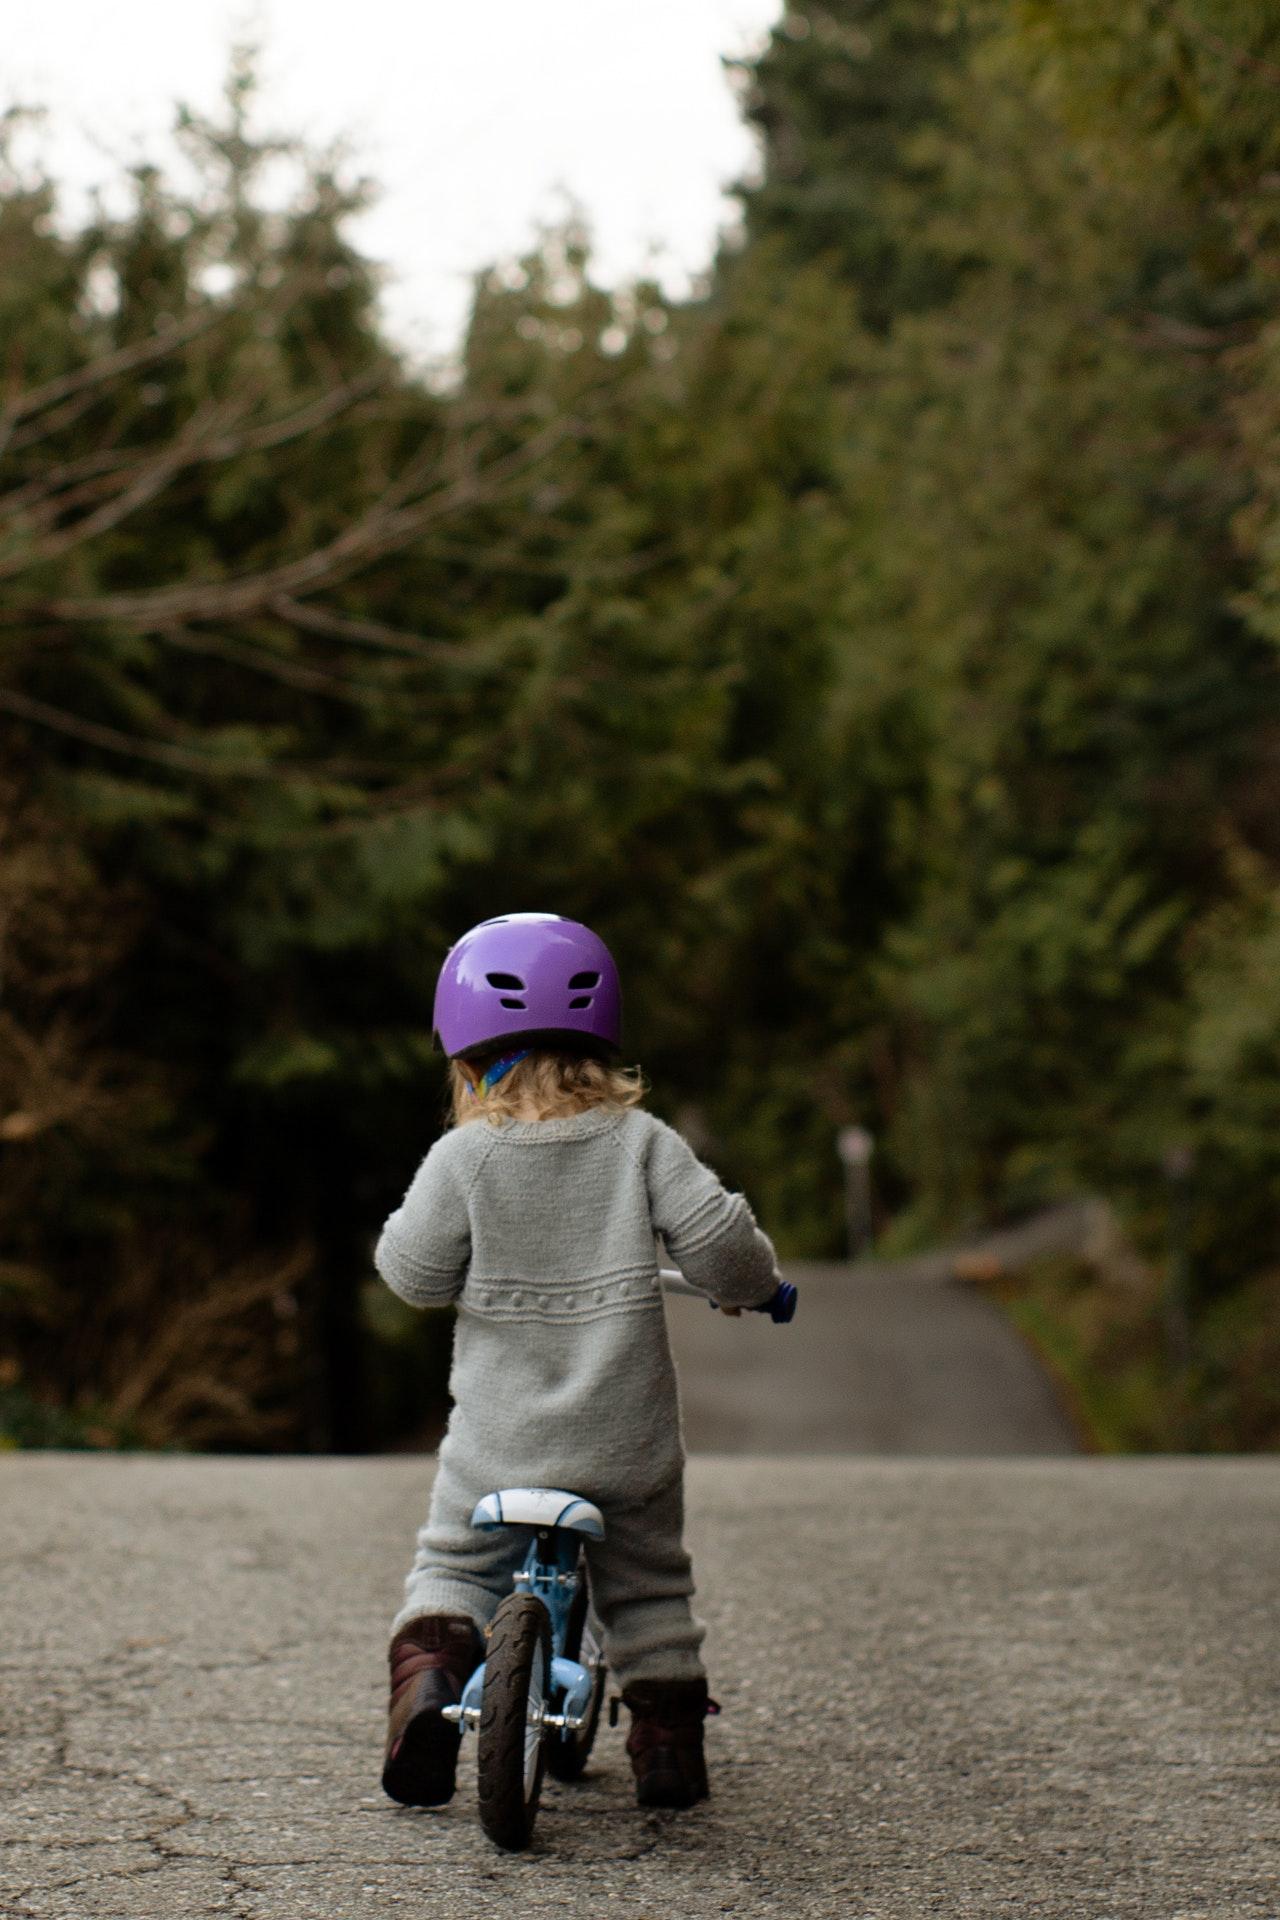 キックバイクに乗る女の子